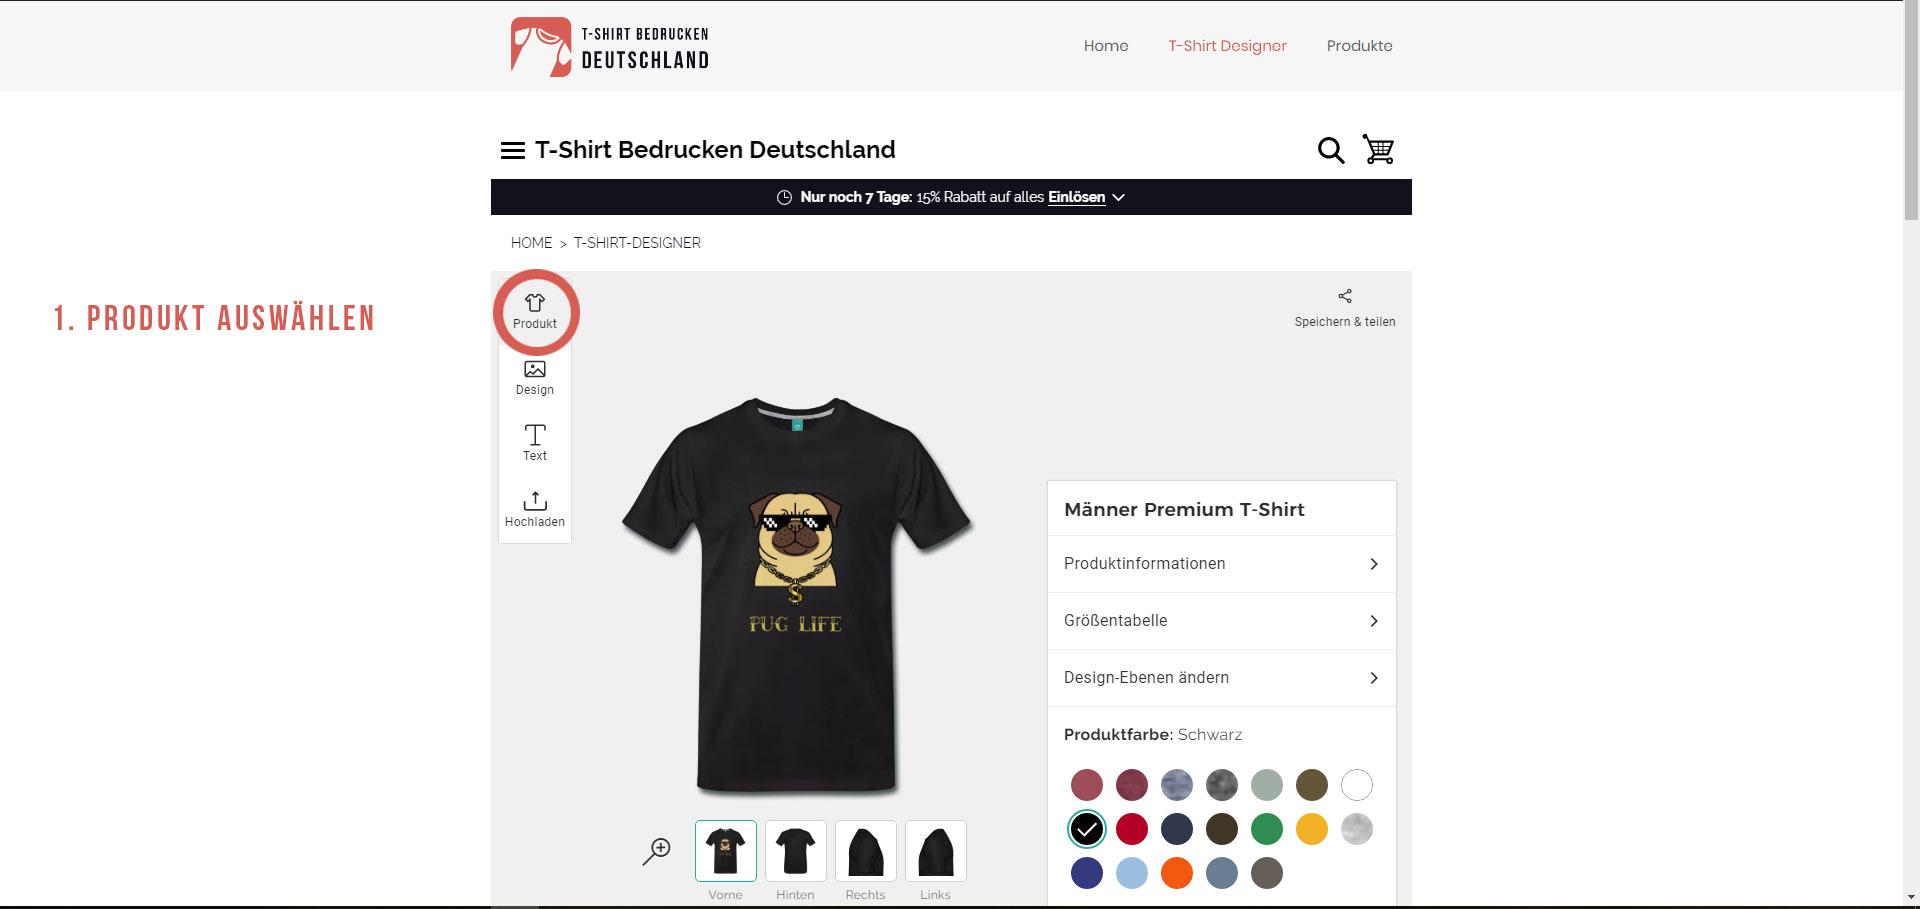 T-Shirt bedrucken - Produkte auswählen